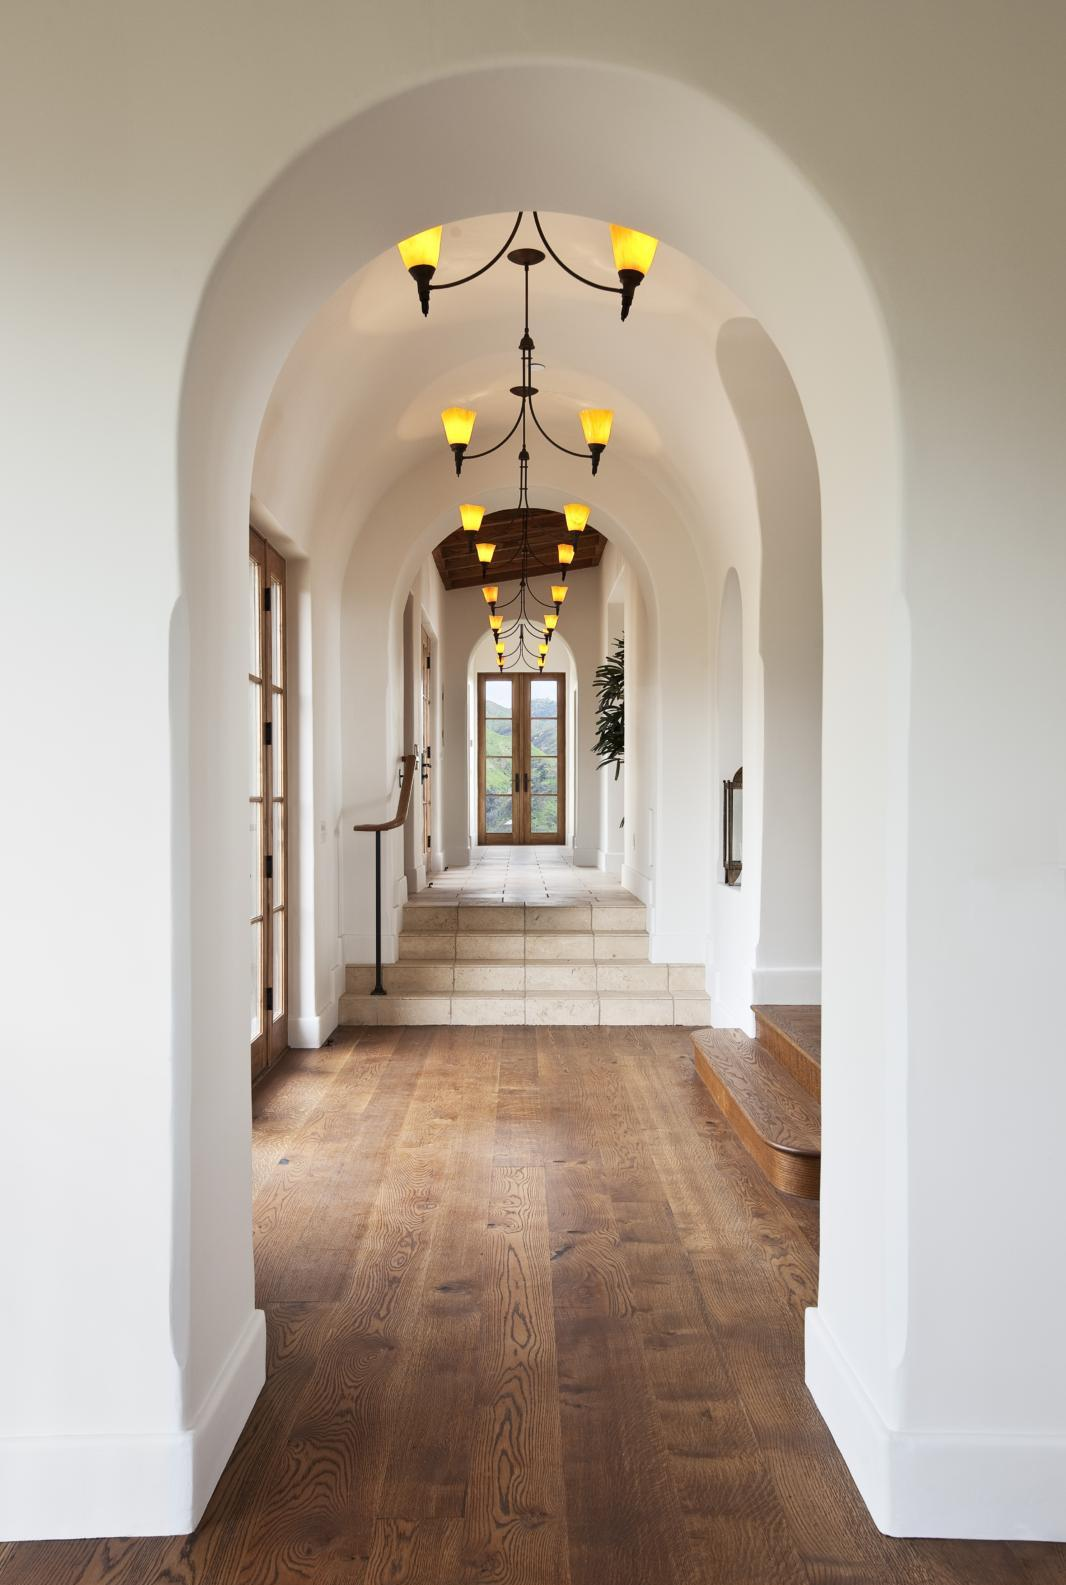 Дизайн коридора с аркой в лаконичной